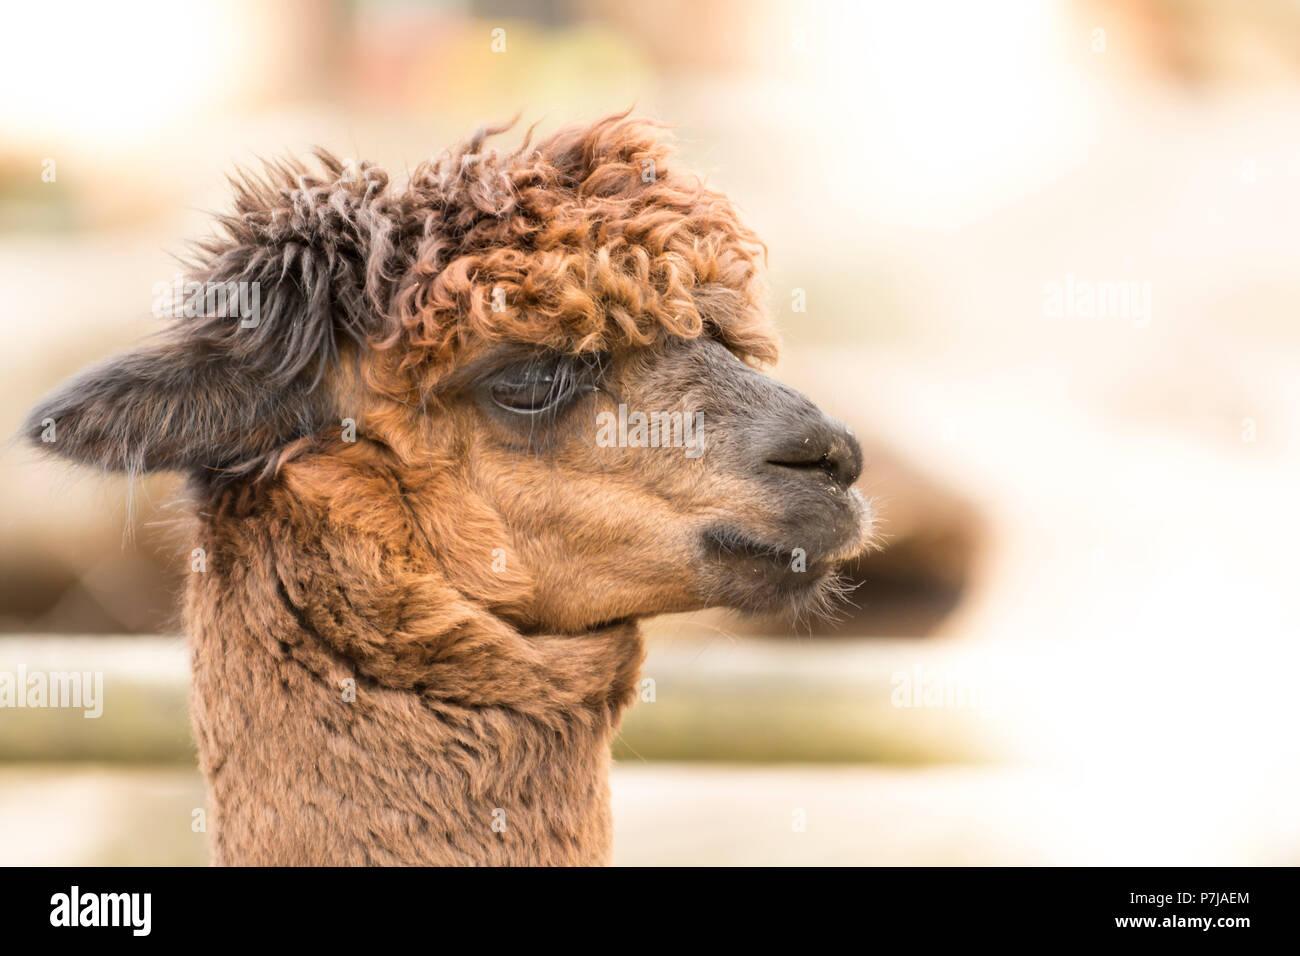 Un retrato de un lado Suri arrugados con pelo de alpaca. Espacio de copia Imagen De Stock